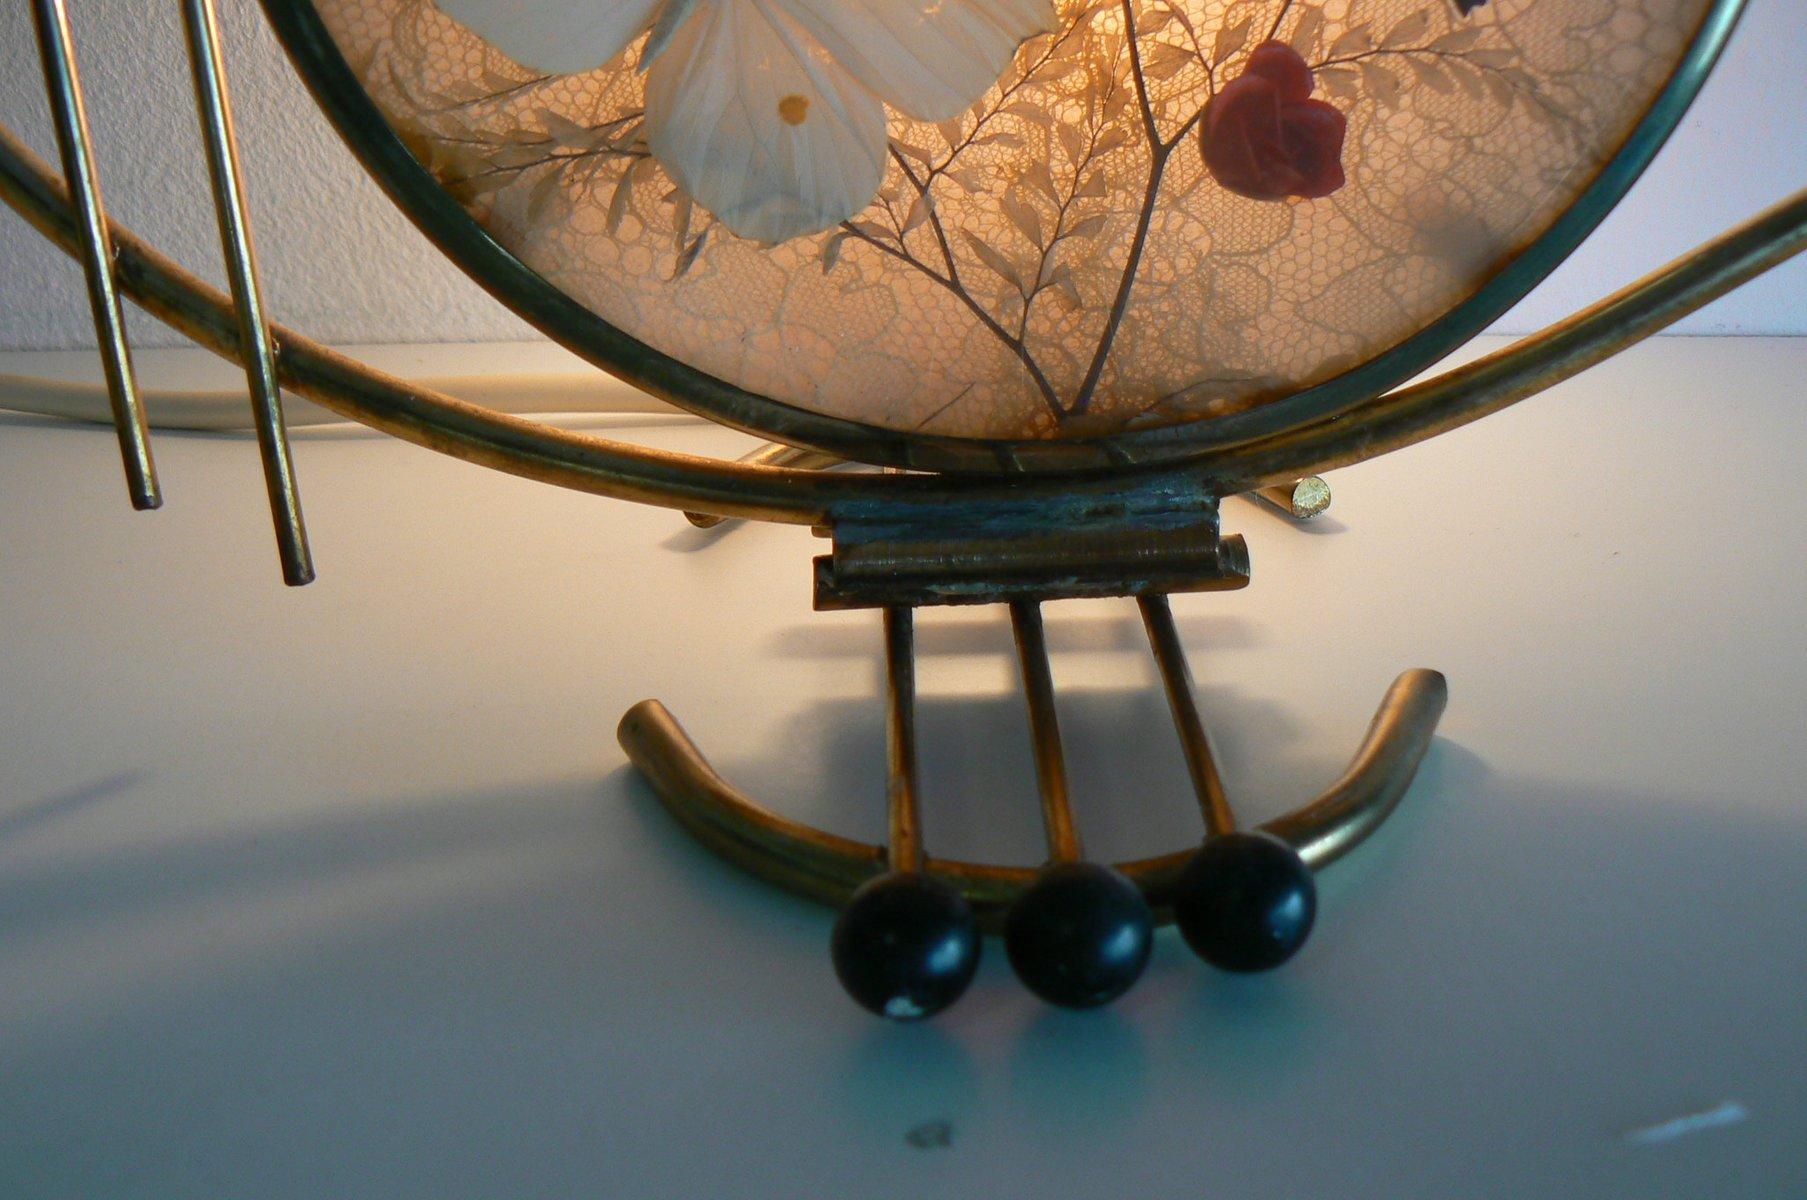 lampe de bureau papillon art d co allemagne 1950s en vente sur pamono. Black Bedroom Furniture Sets. Home Design Ideas